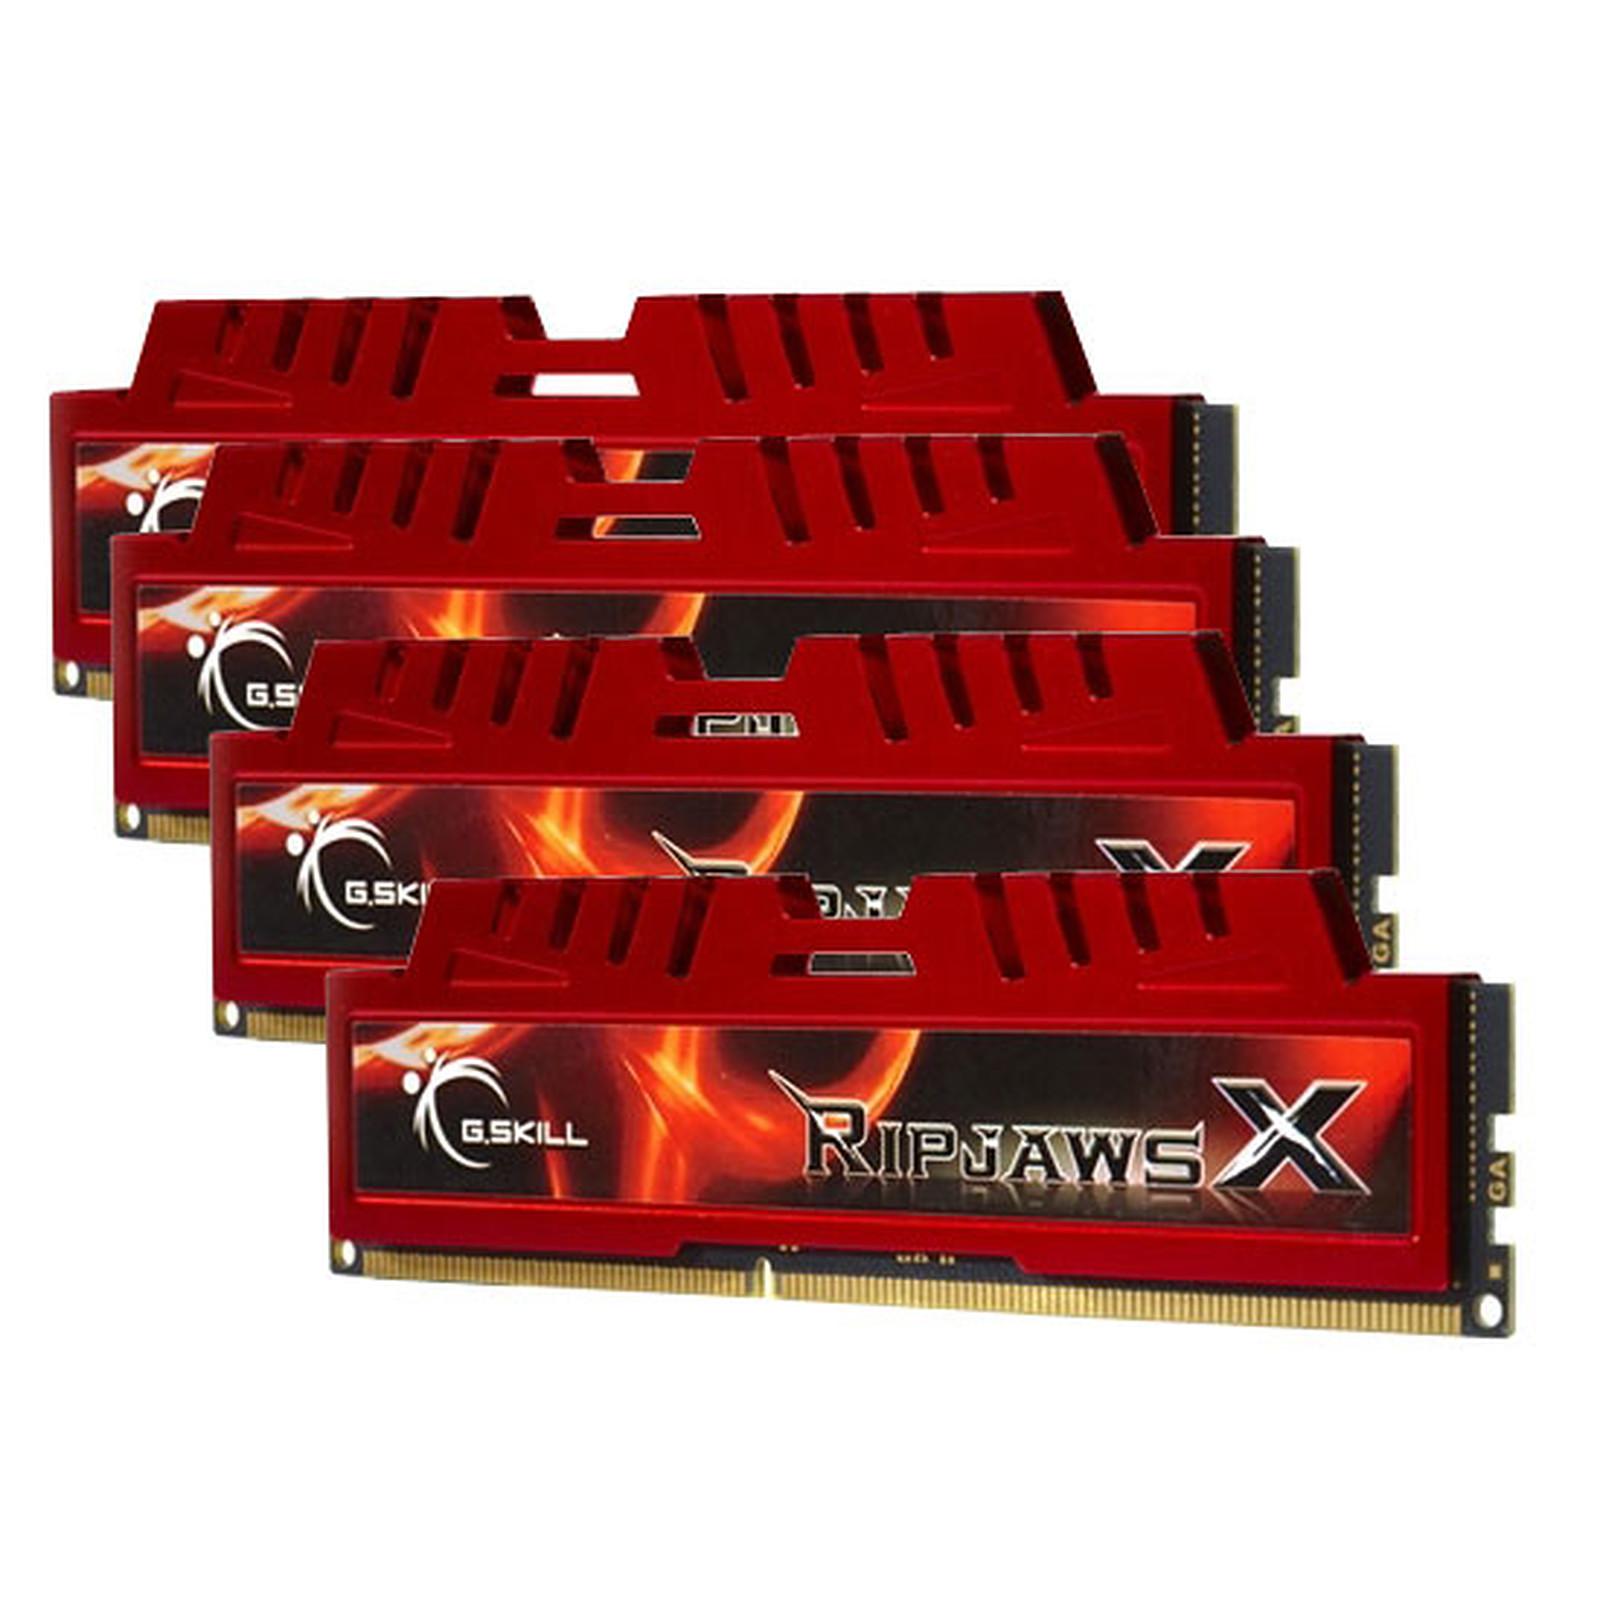 G.Skill RipJaws X Series 16 Go (4 x 4 Go) DDR3 2133 MHz CL9